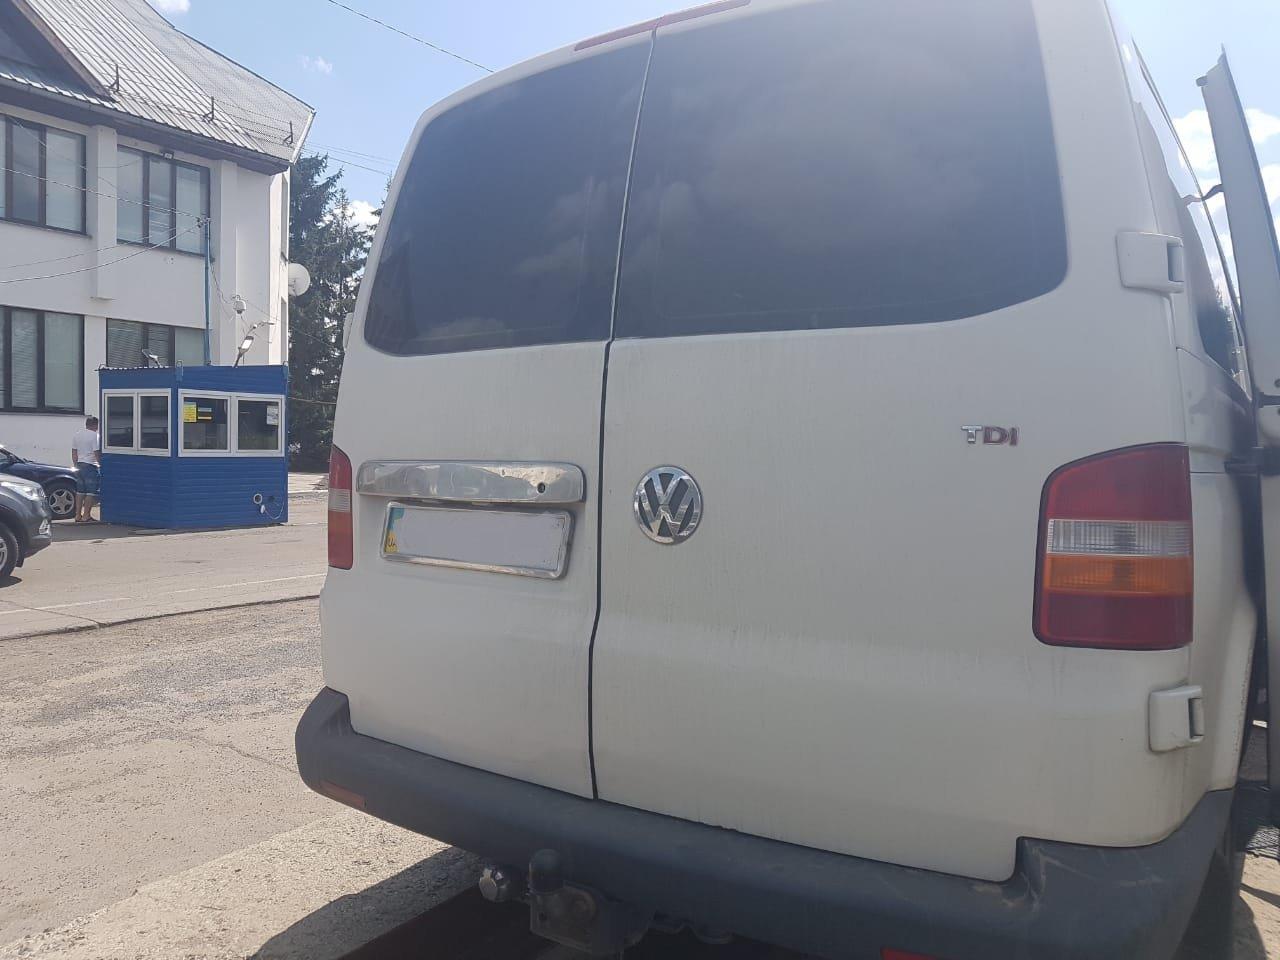 Закарпатські митники знайшли у двох мікроавтобусах подвійні днища з цигарками (ФОТО), фото-6